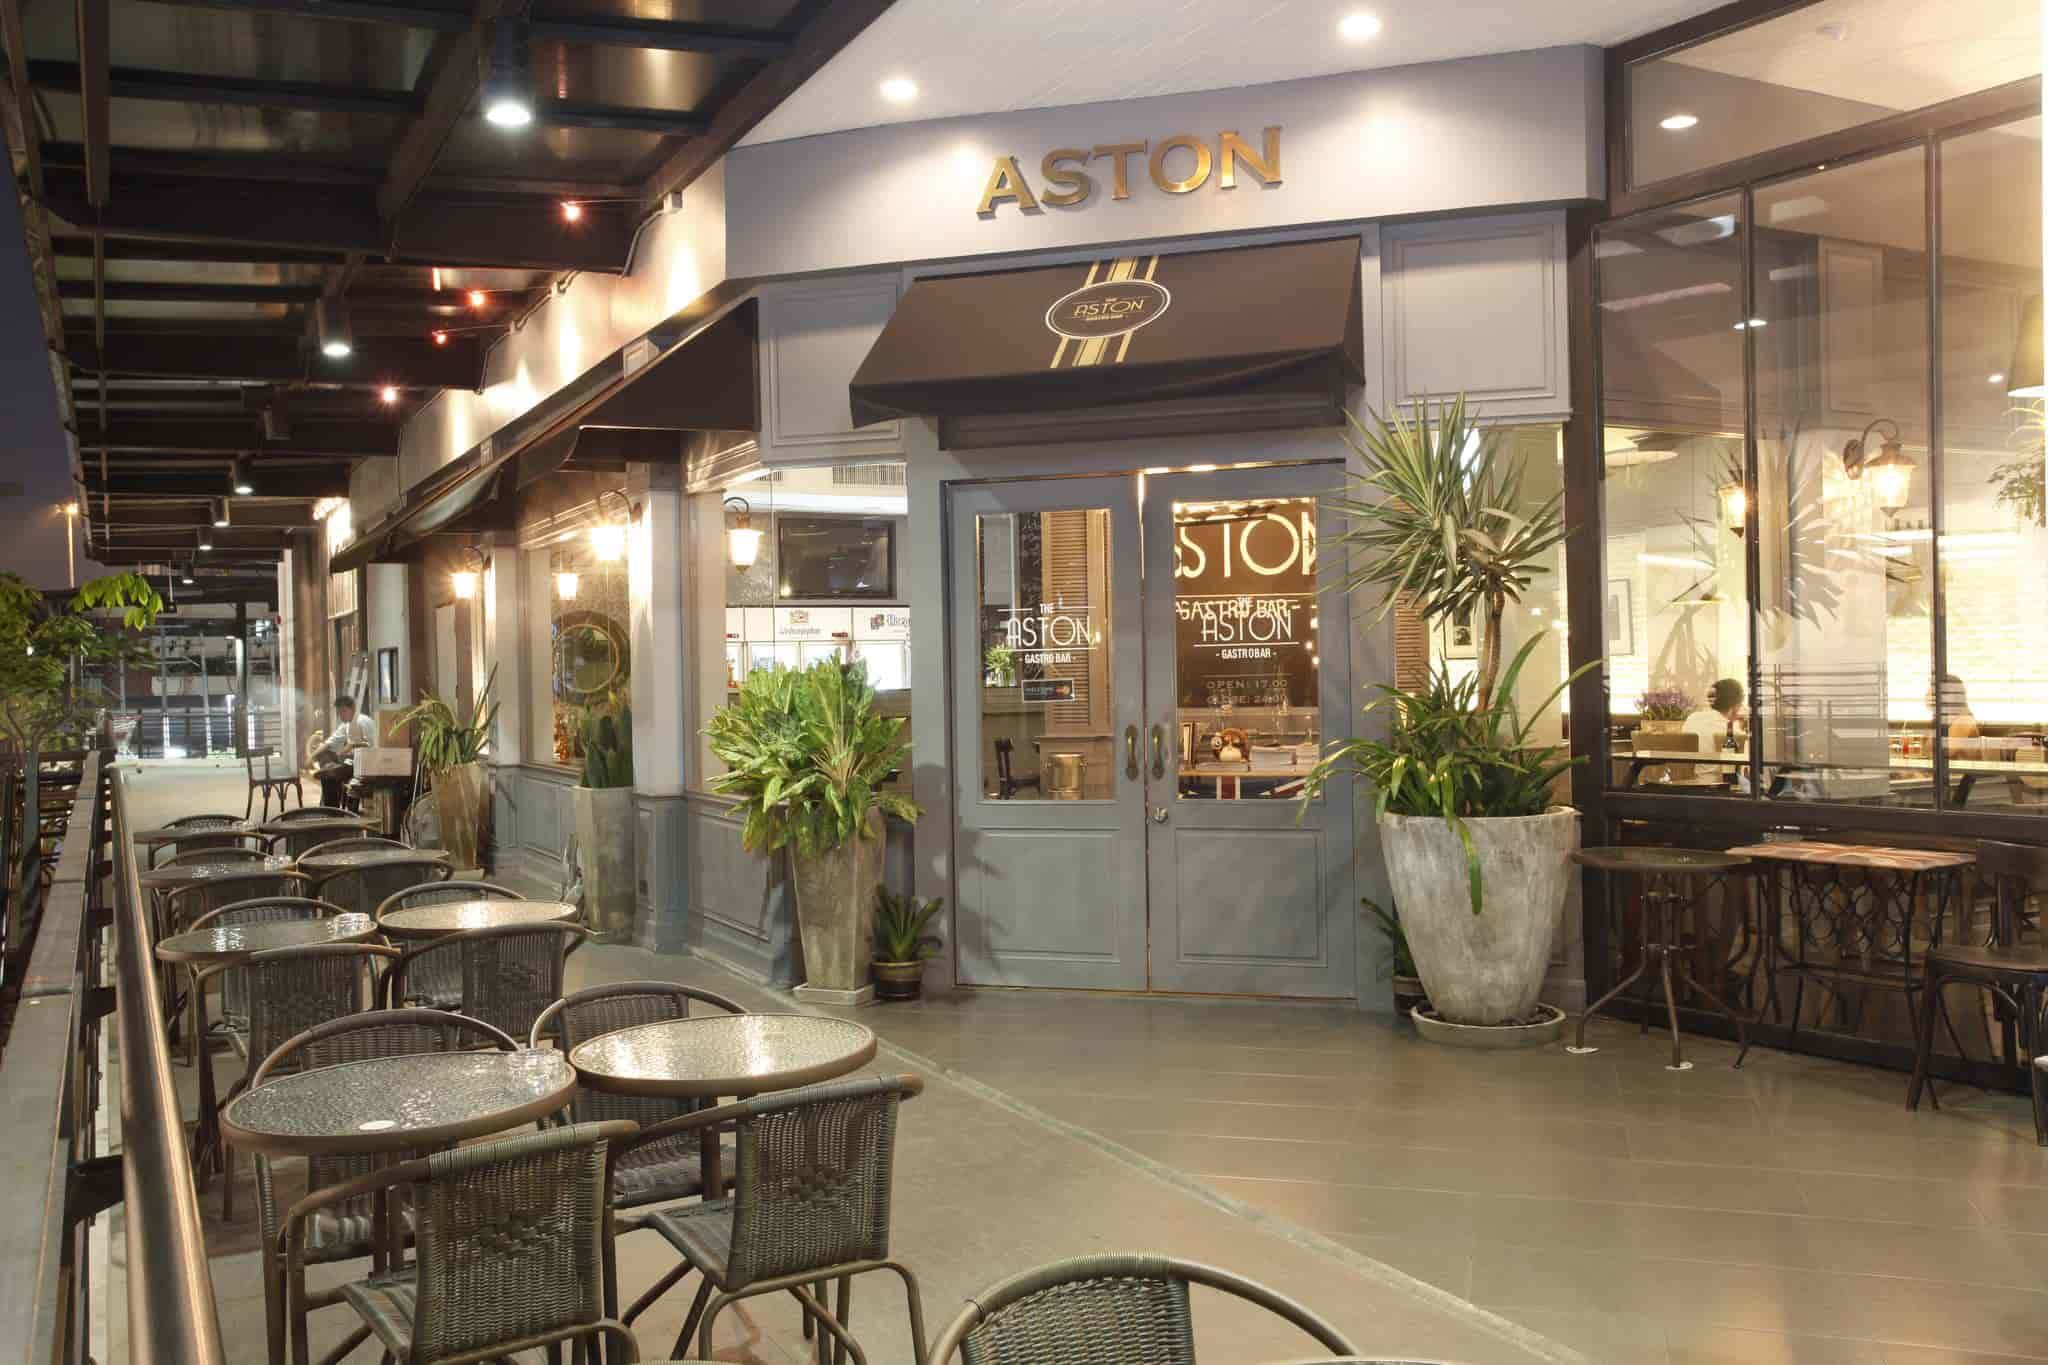 The Aston Gastro Bar 6